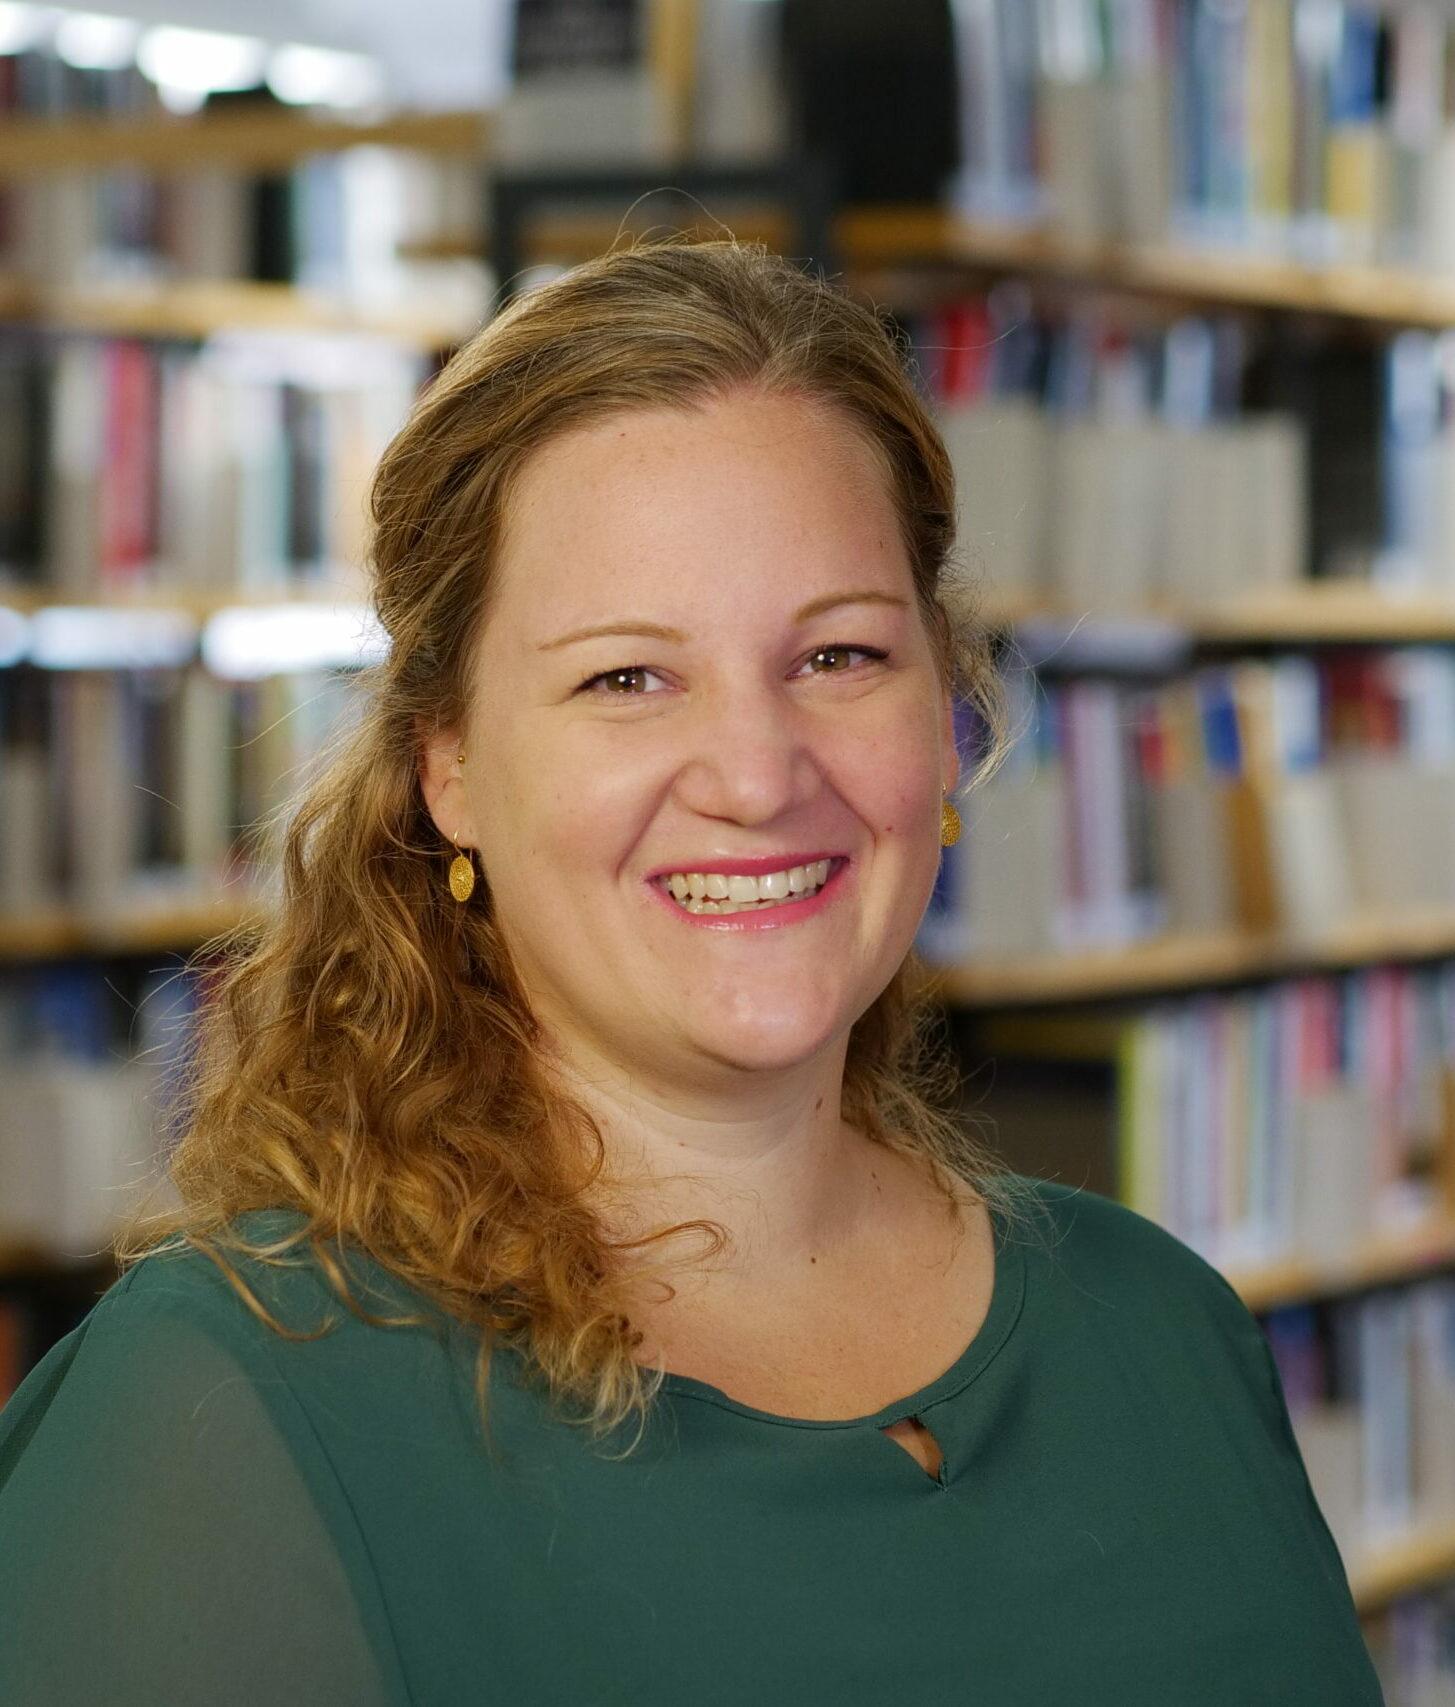 Samantha Ruppel